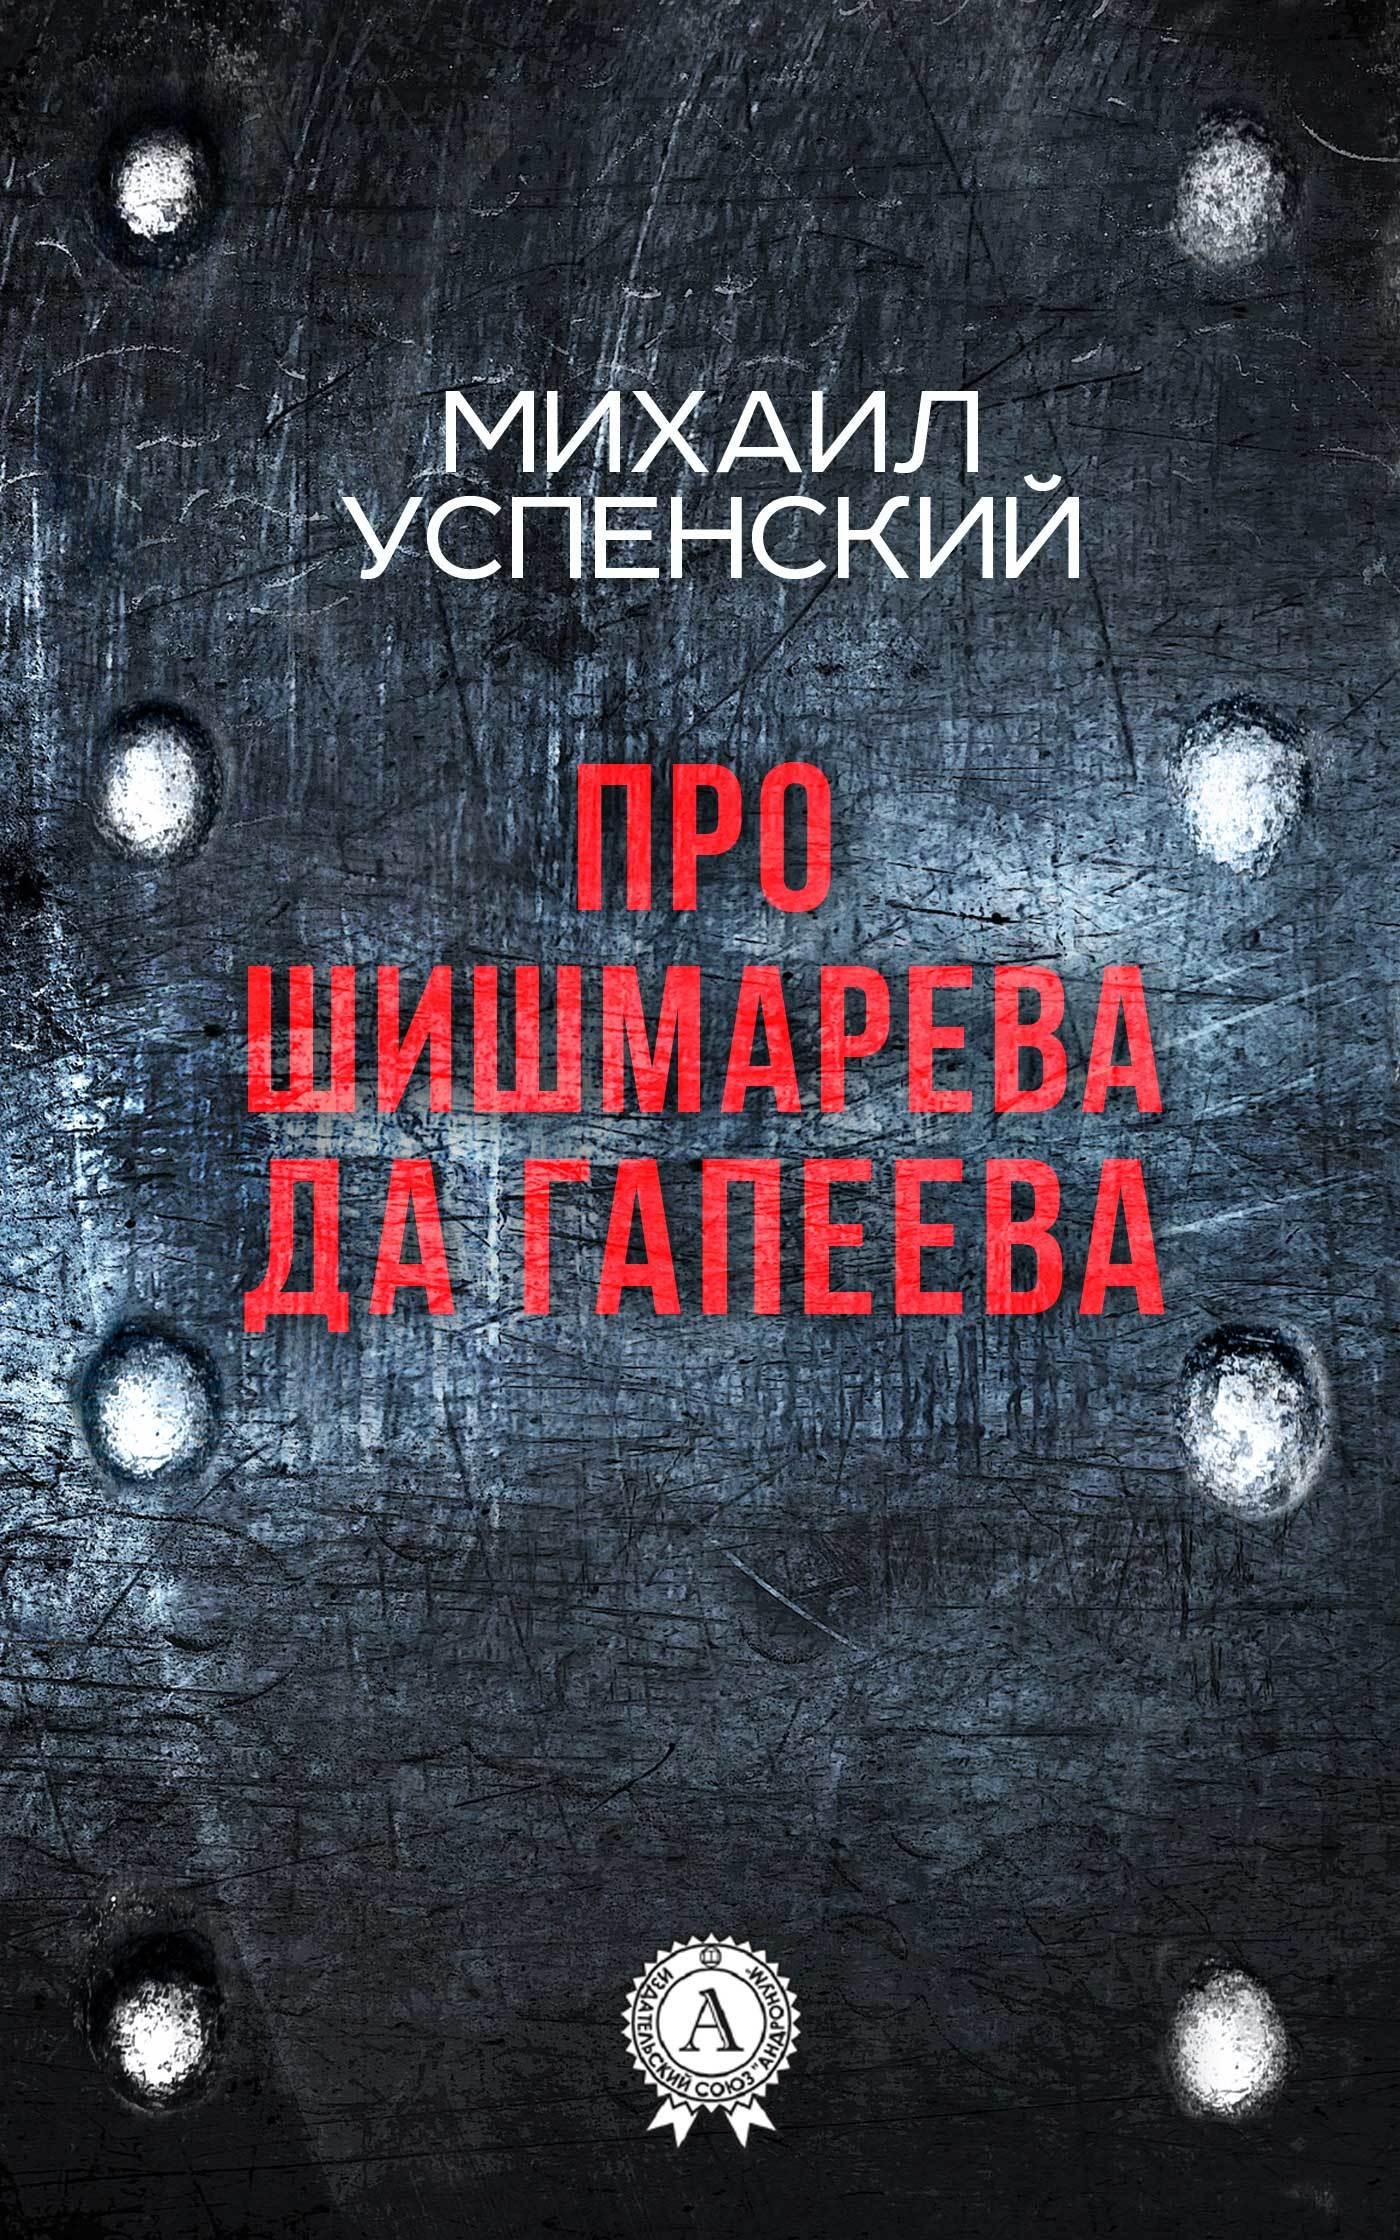 Михаил Успенский. Про Шишмарёва да Гапеева